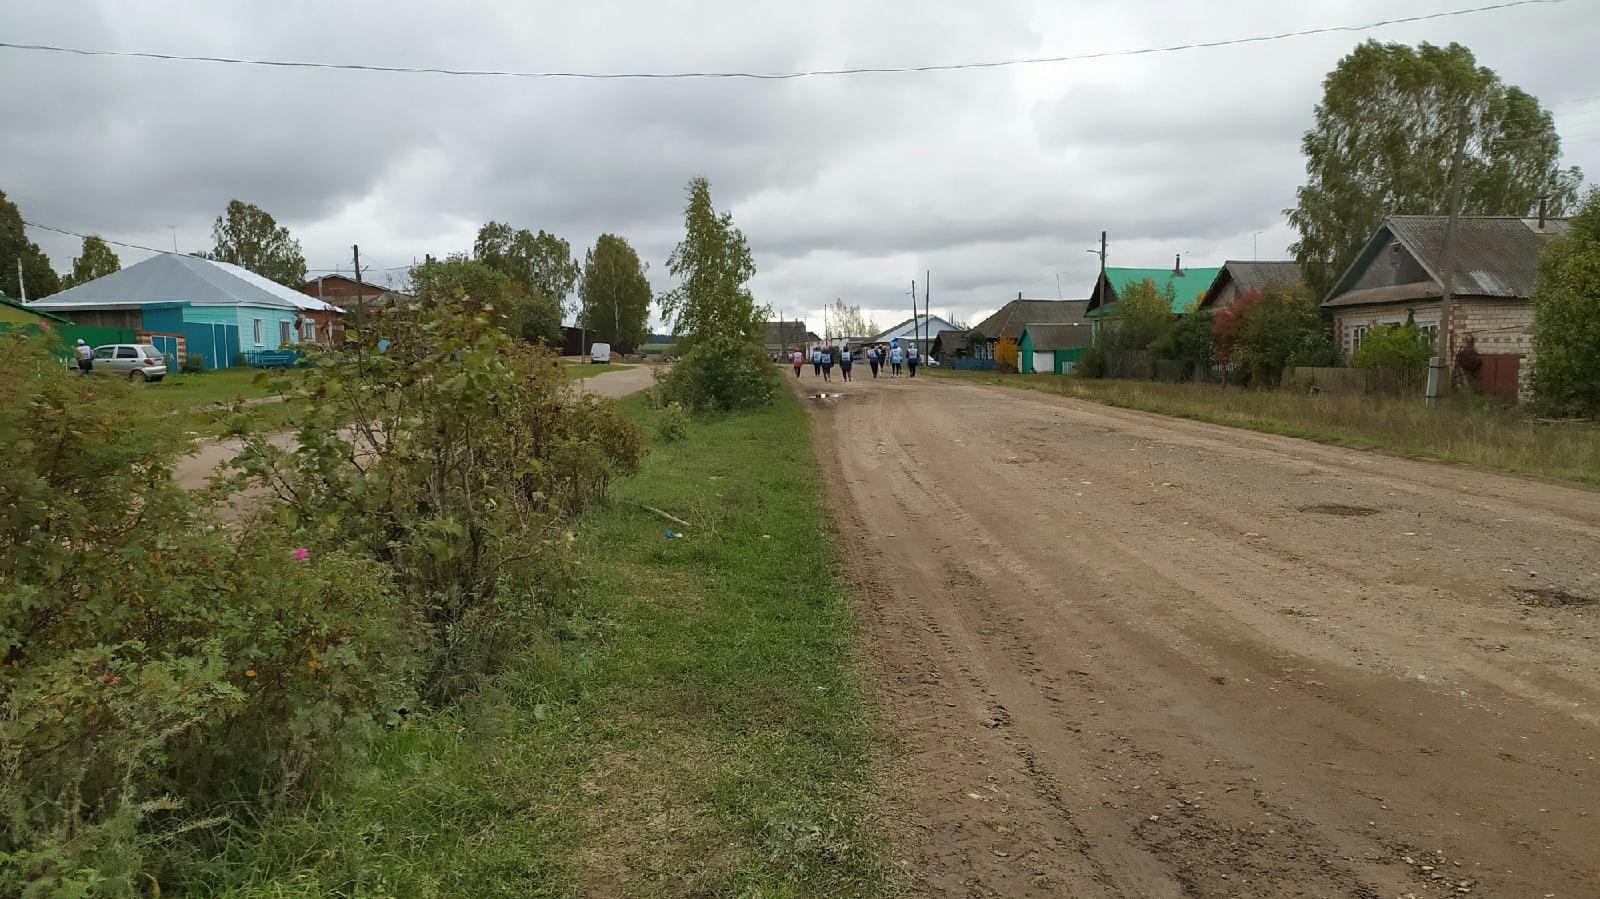 Всероссийский день бега -Кросс нации прошел в